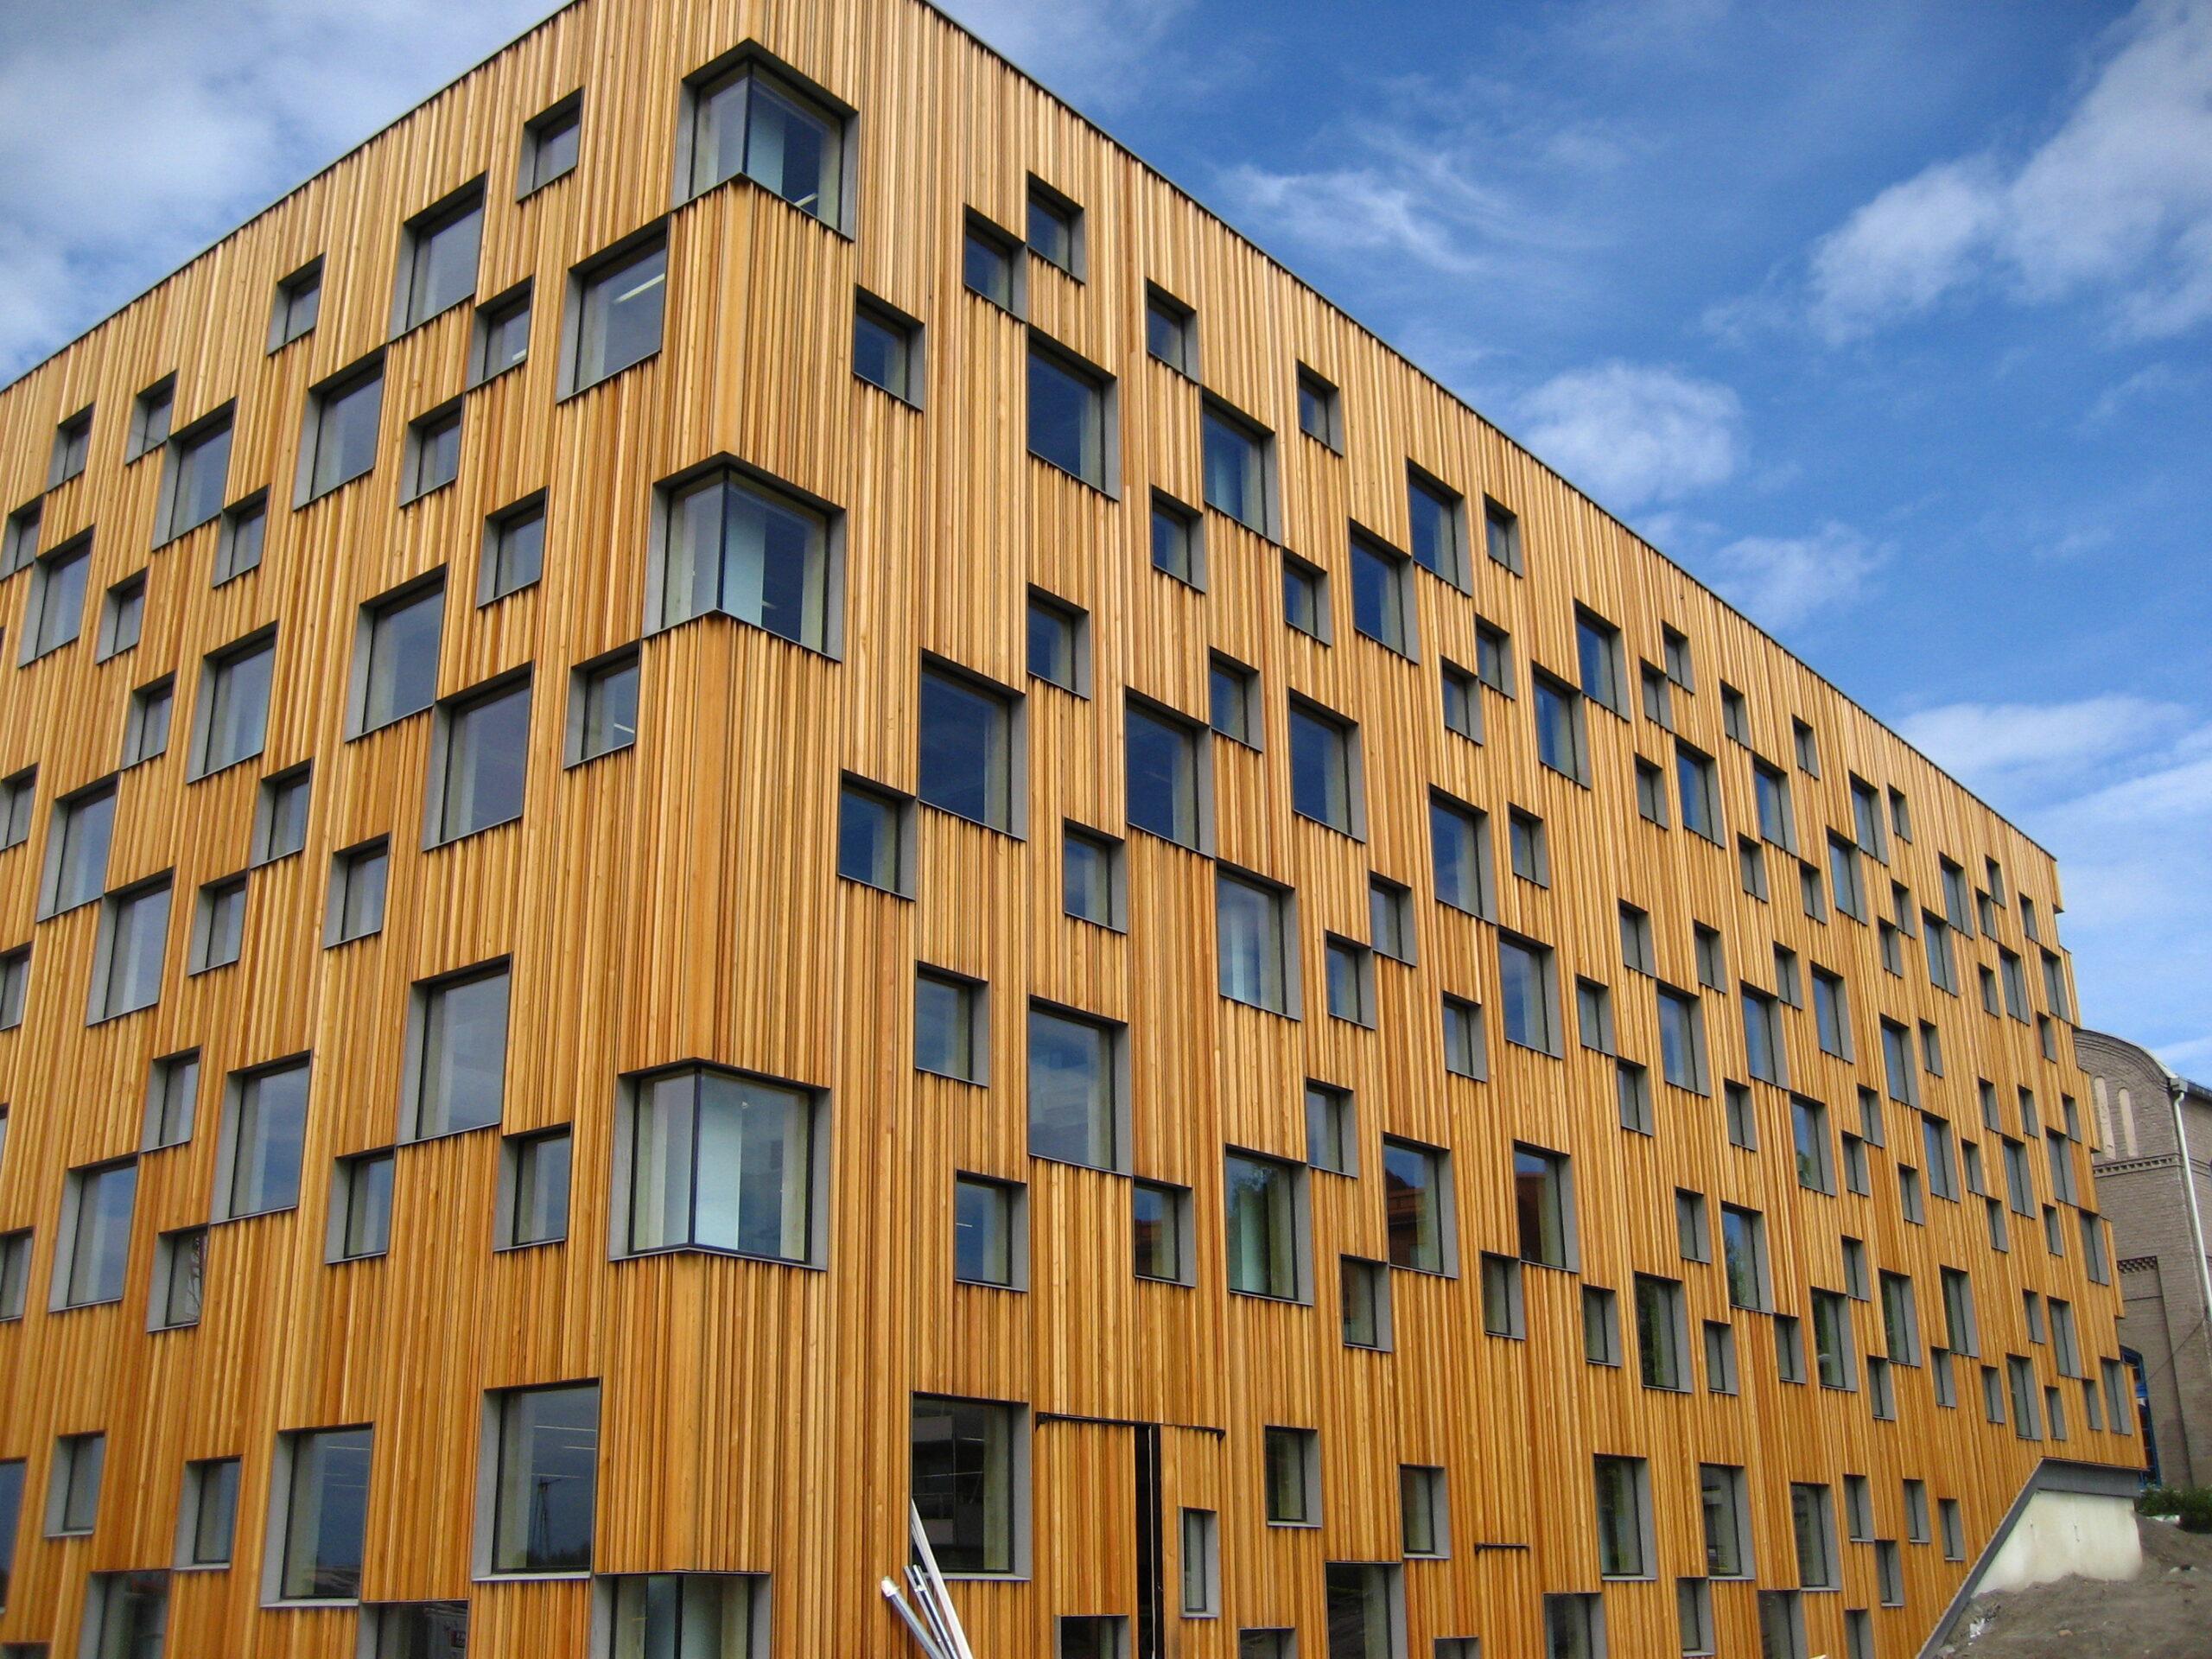 7757 - Arkitekthögskolan